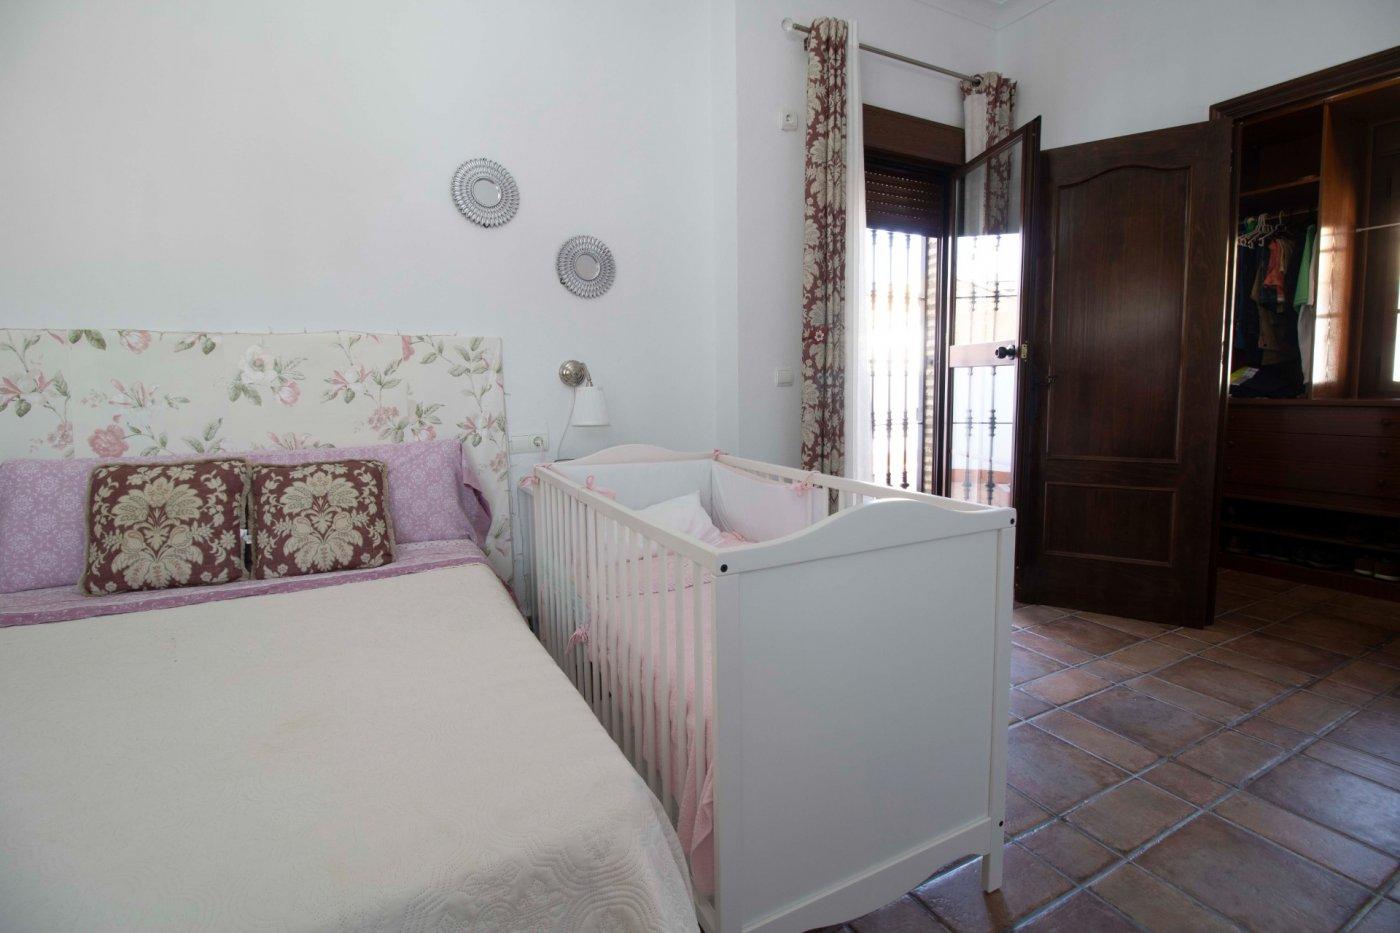 Casa a la venta en burguillos - imagenInmueble33